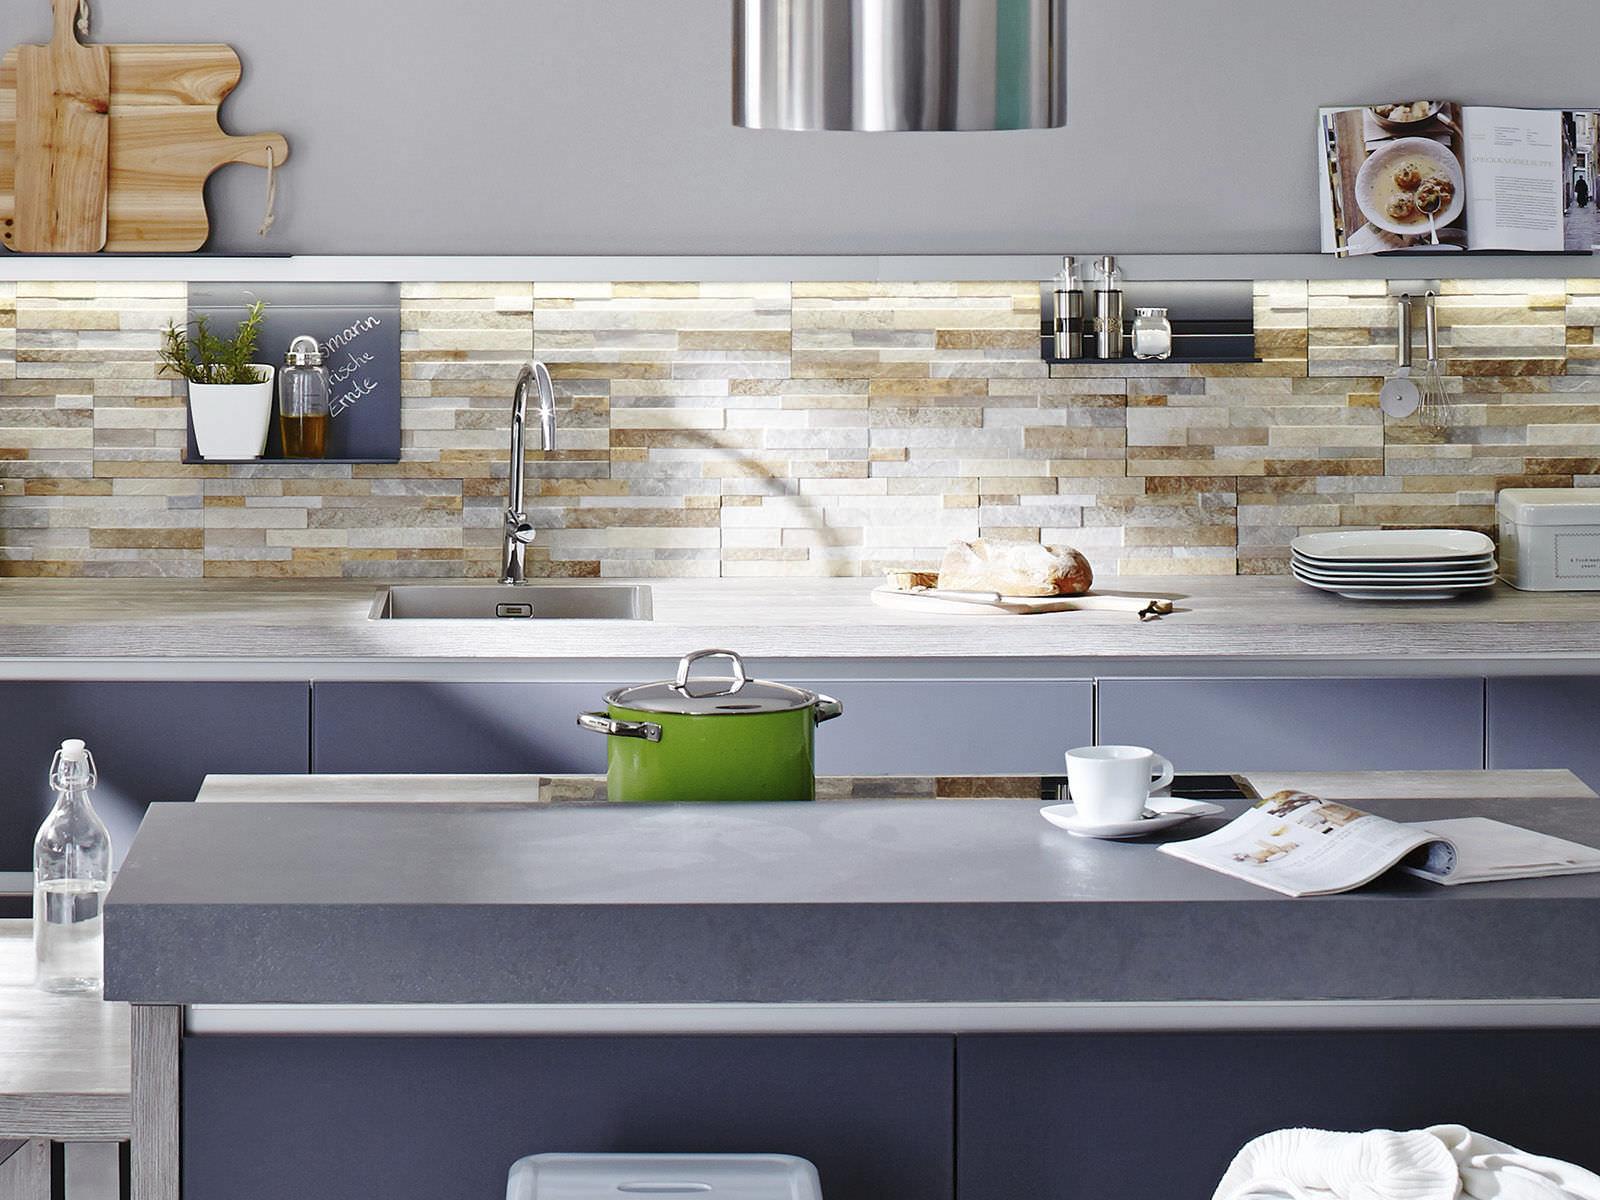 Verblender Küche | Feinsteinzeug Verblender Farbig 100 Recycelbar Ultrastrong